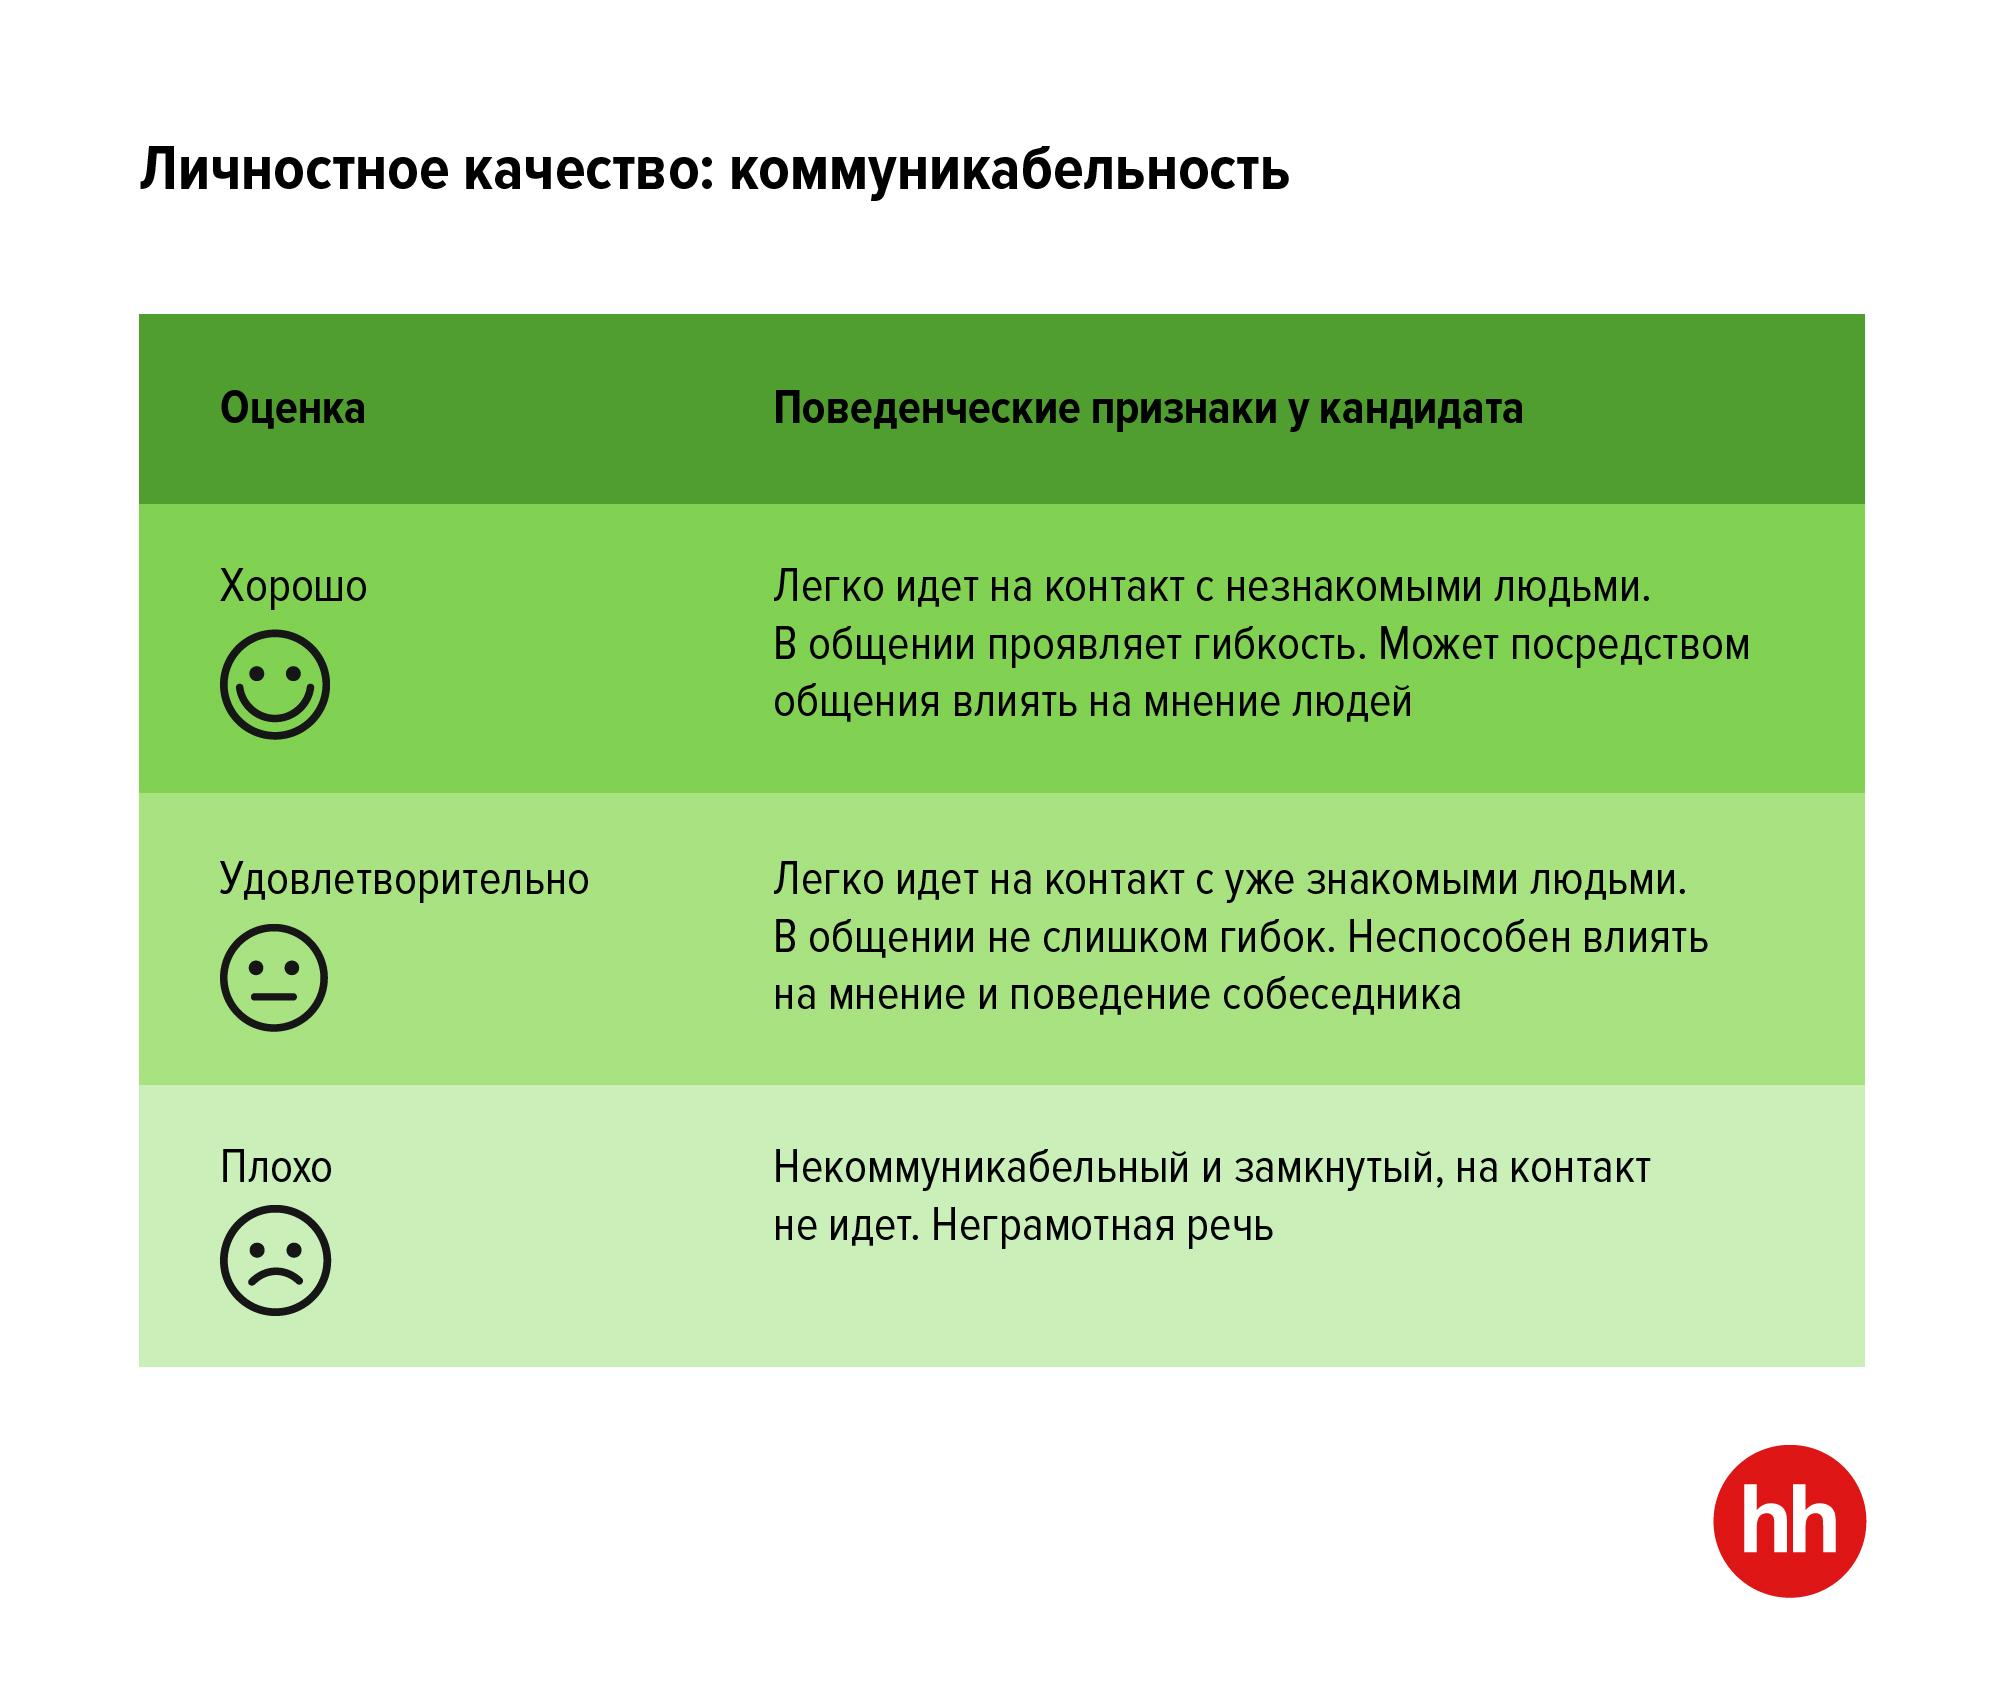 Как оценить «софтскилы» ИТ-специалиста на онлайн-собеседовании